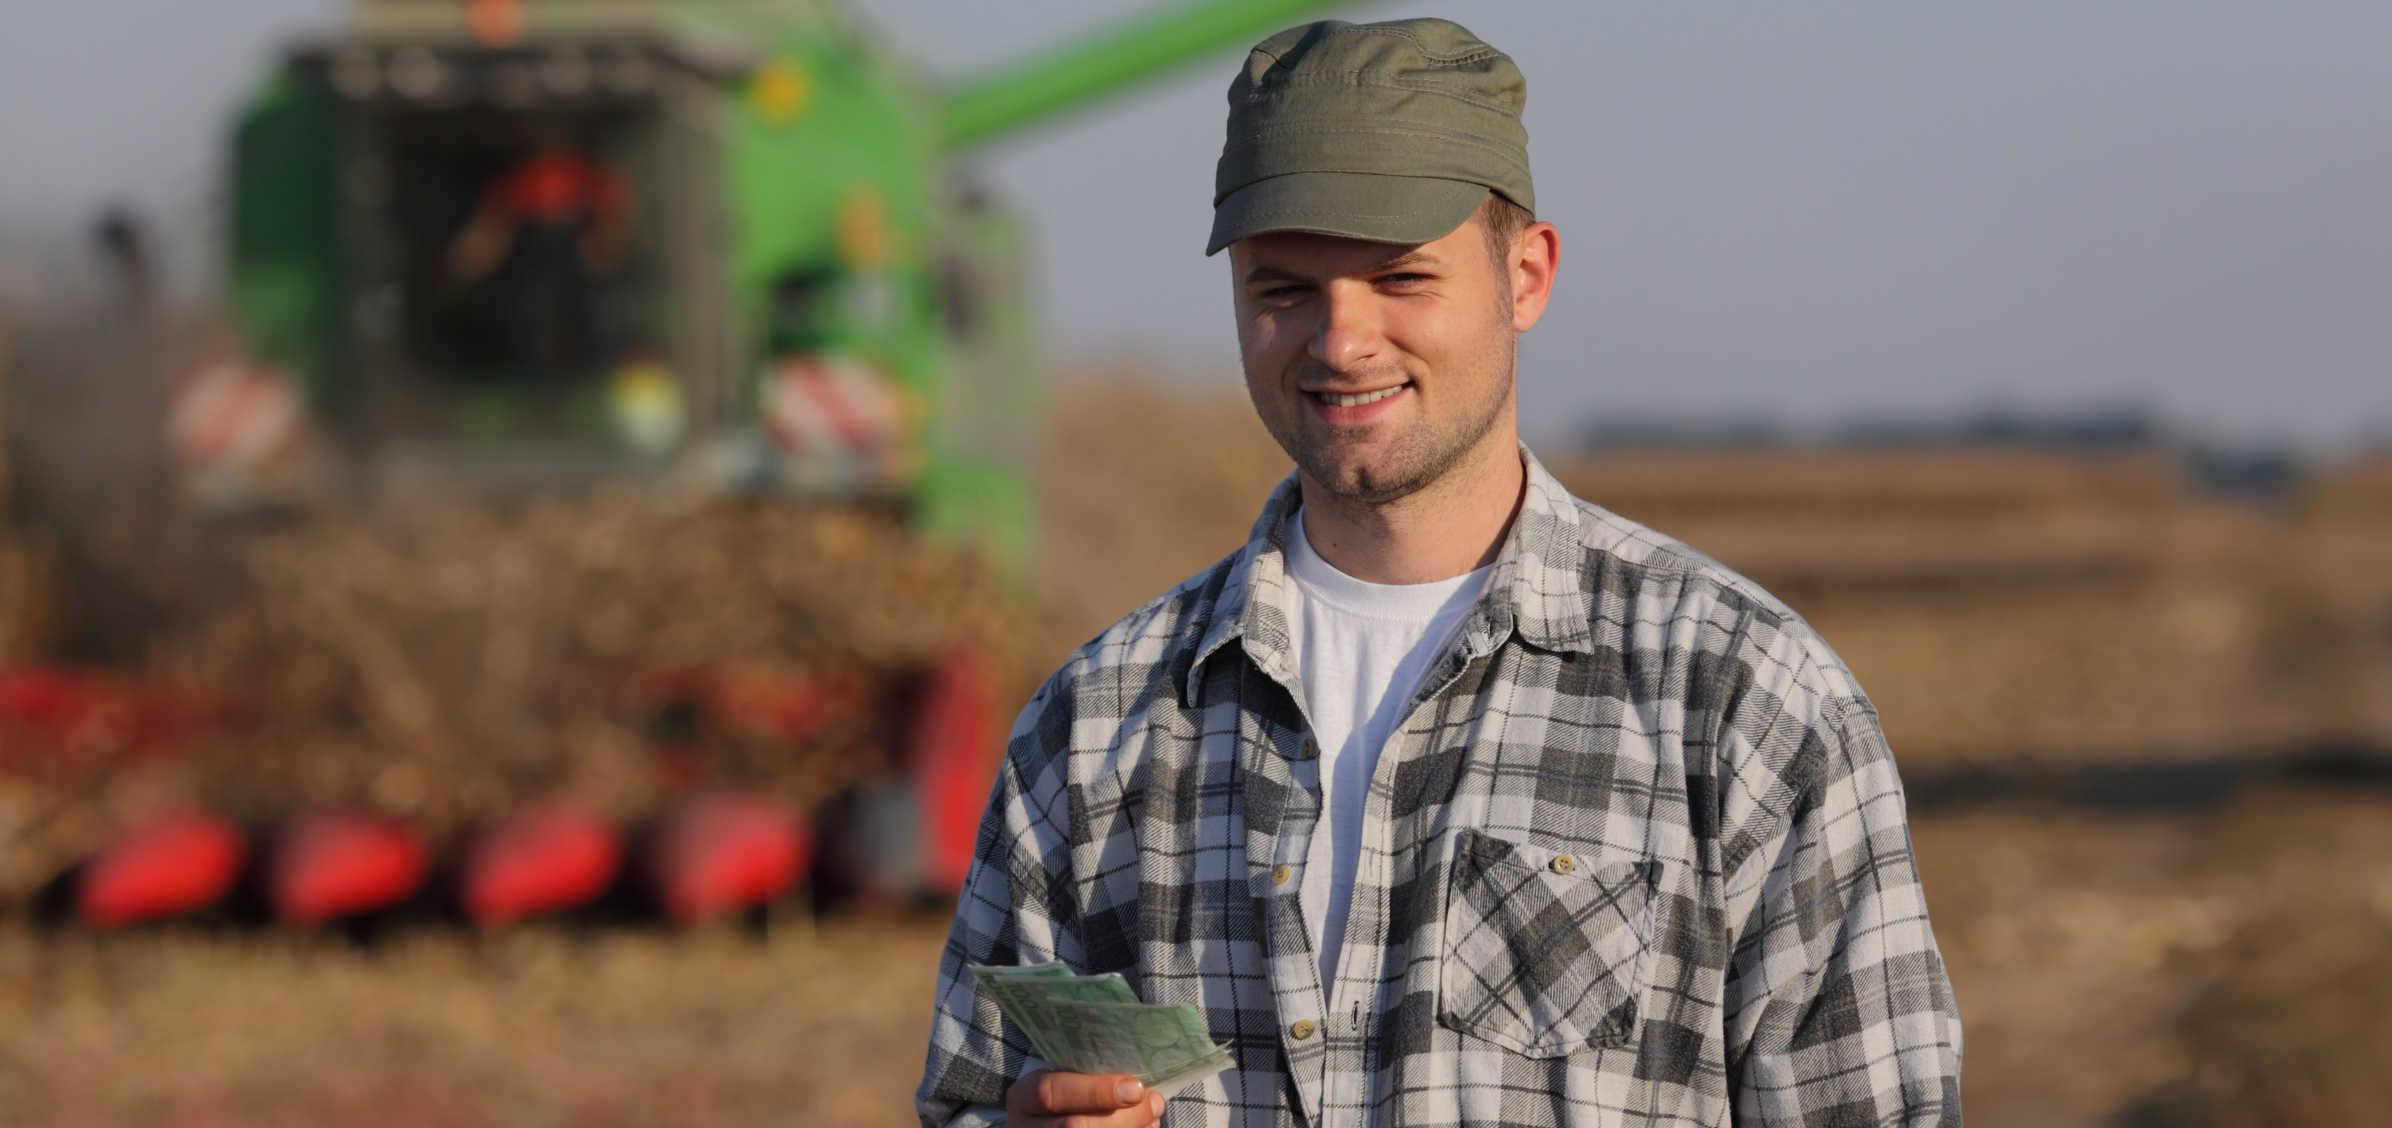 fazendeiro com kolion na mão